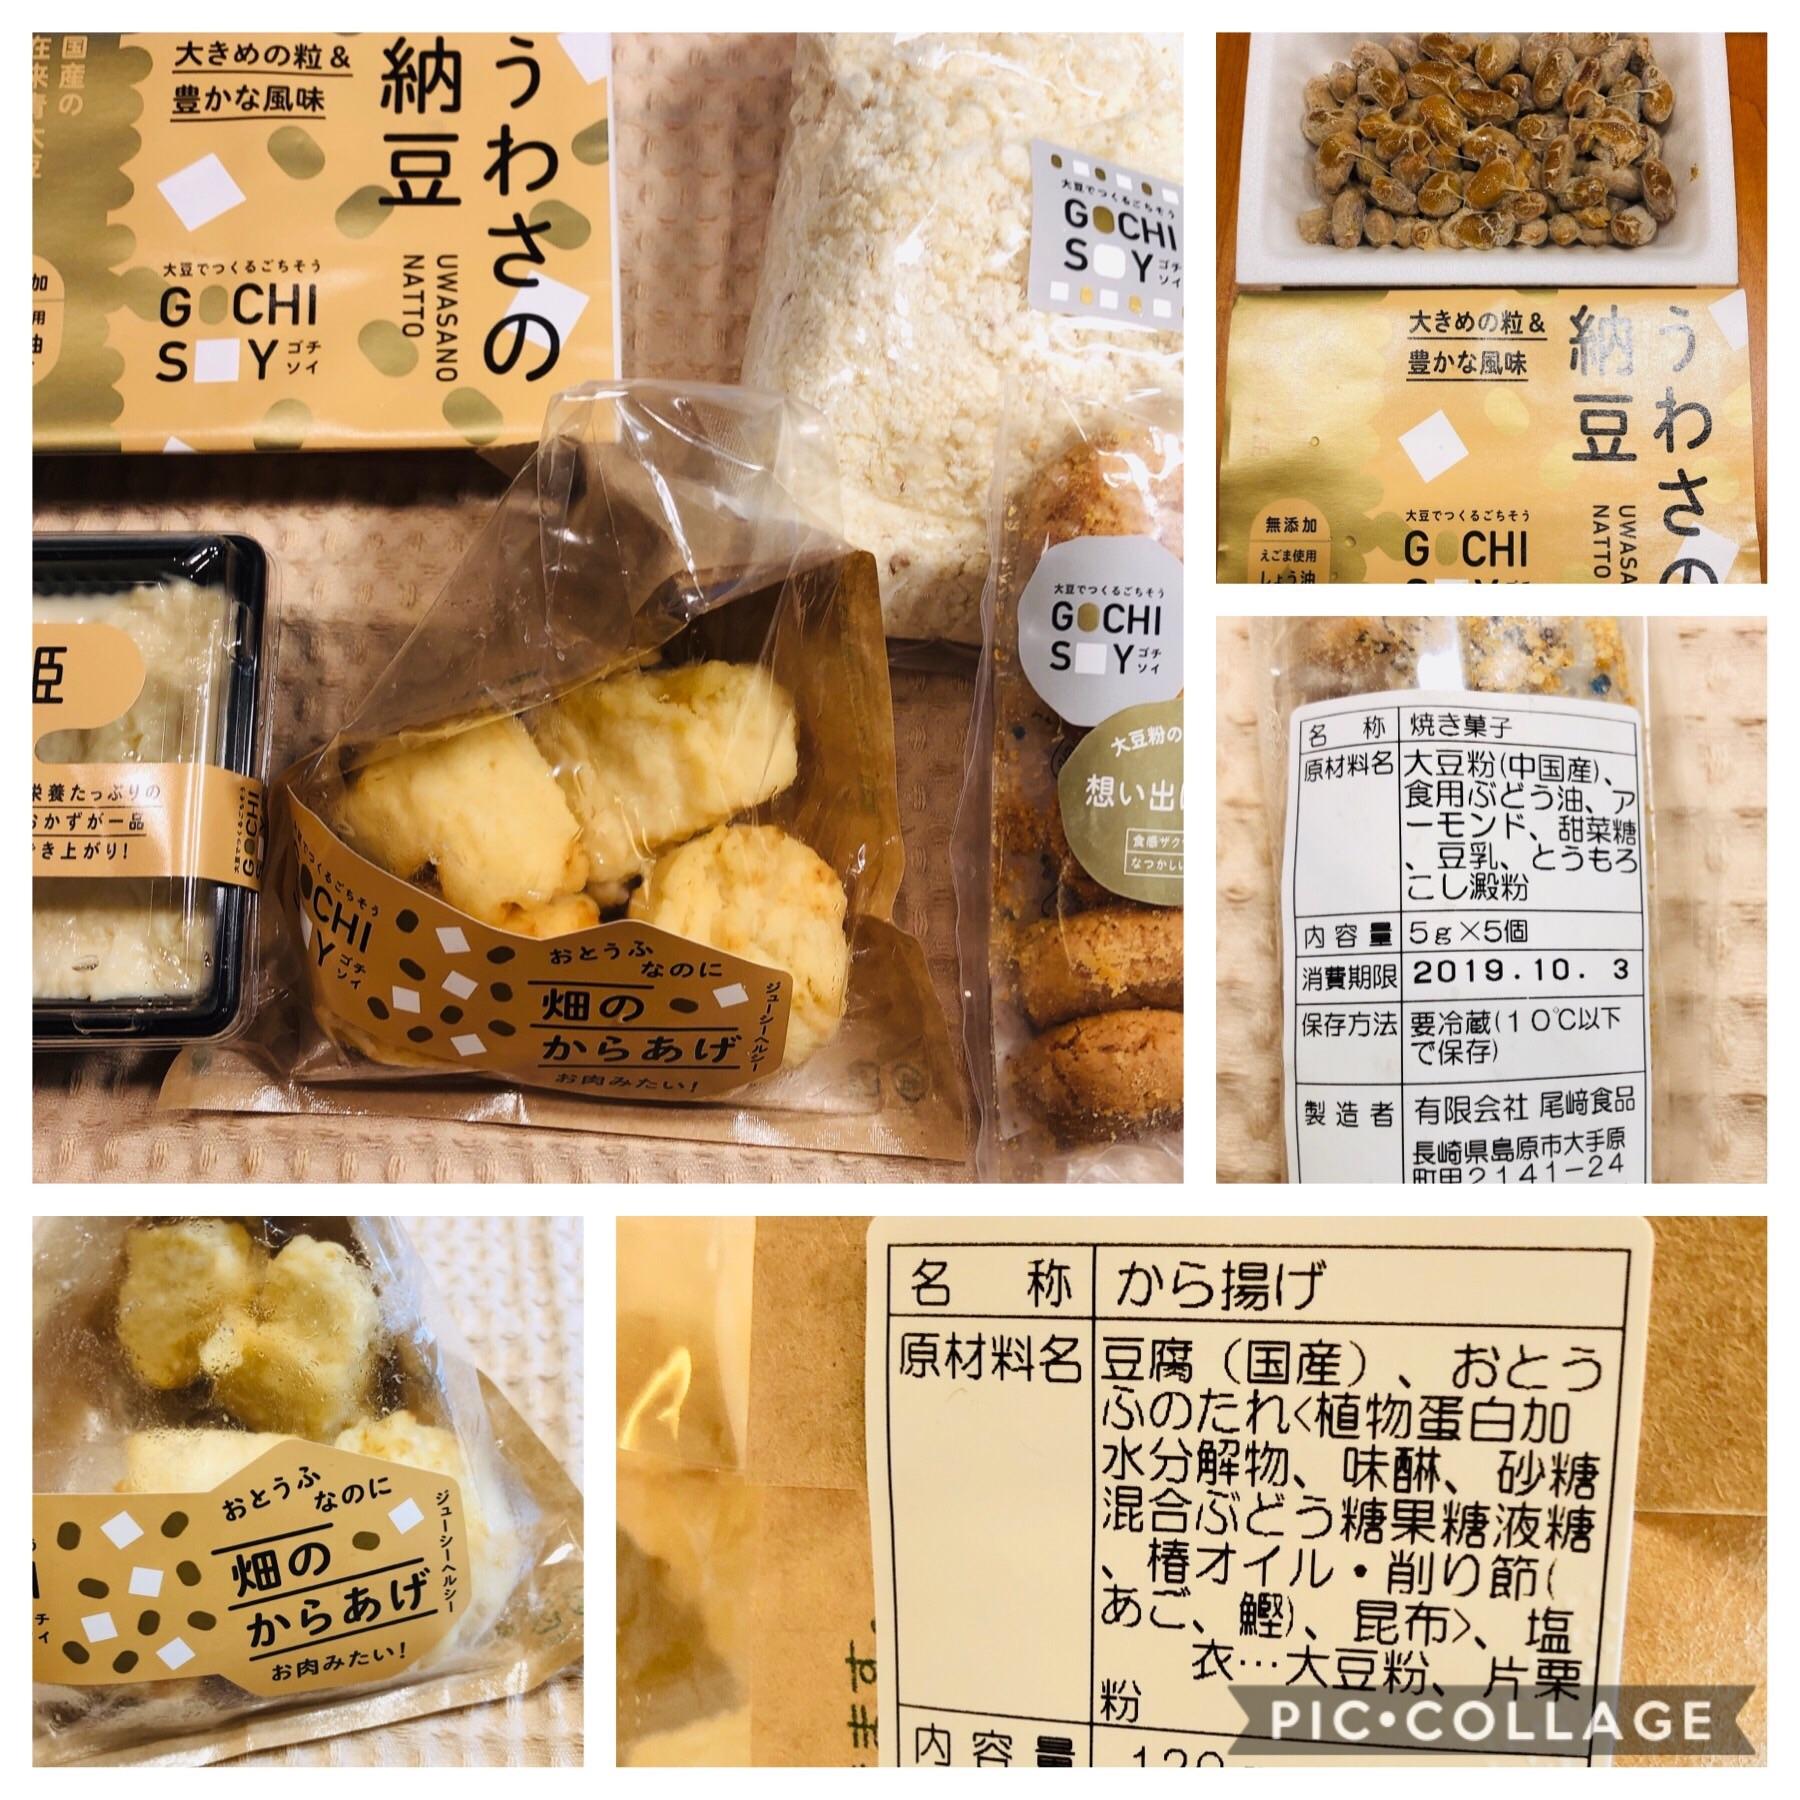 f:id:allergy_nagasakikko:20191005224741j:image